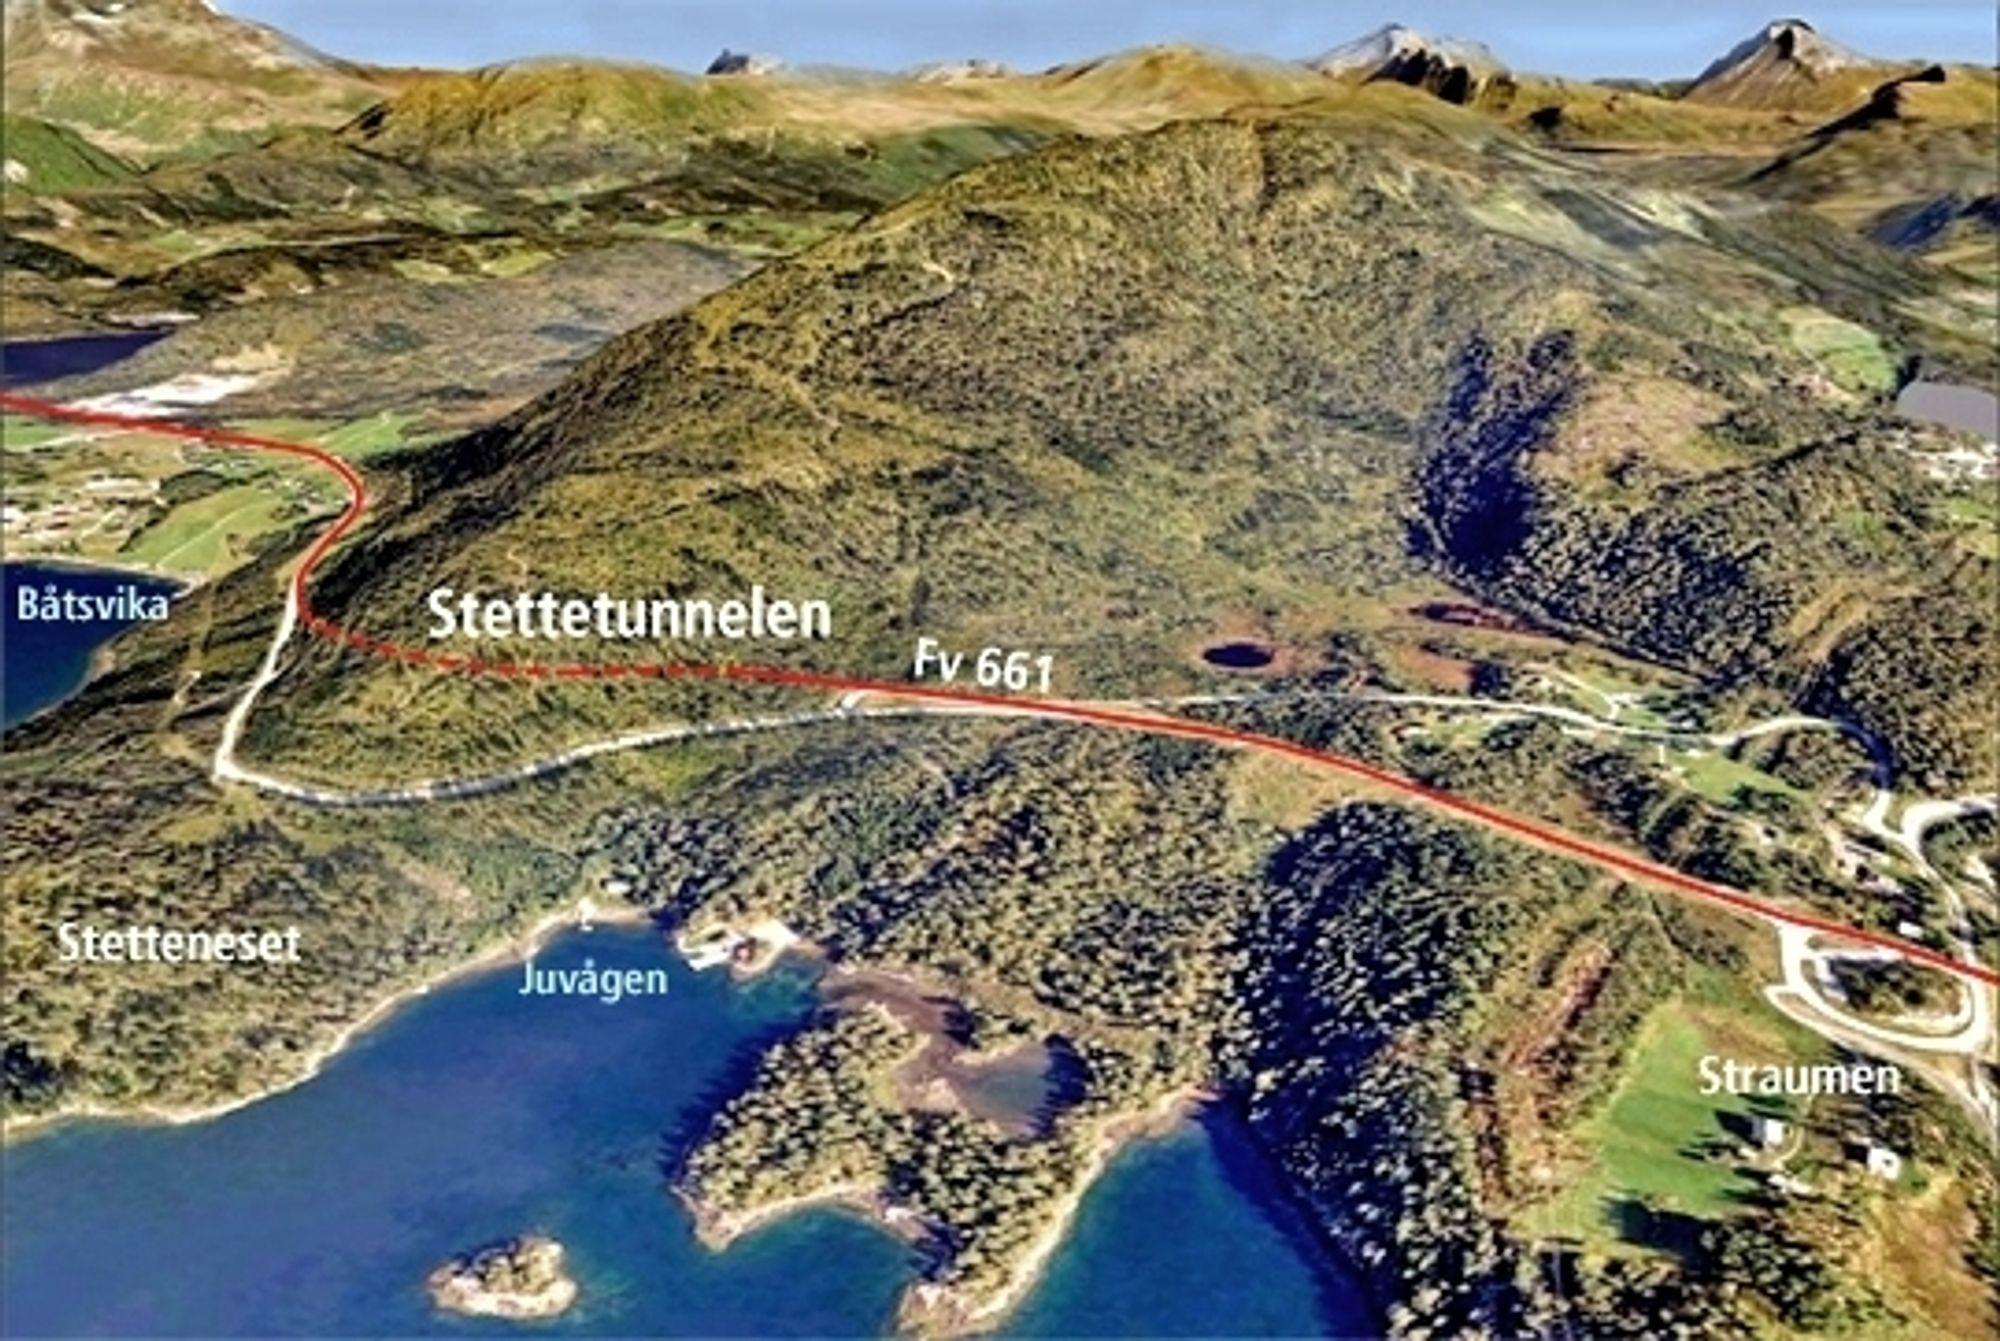 Fylkesveg 661 blir 375 meter kortere enn i dag når Stettetunnelen åpnes. Betonmast skal drive den hvis ingen klager innen 30. mai. Ill.: Statens vegvesen